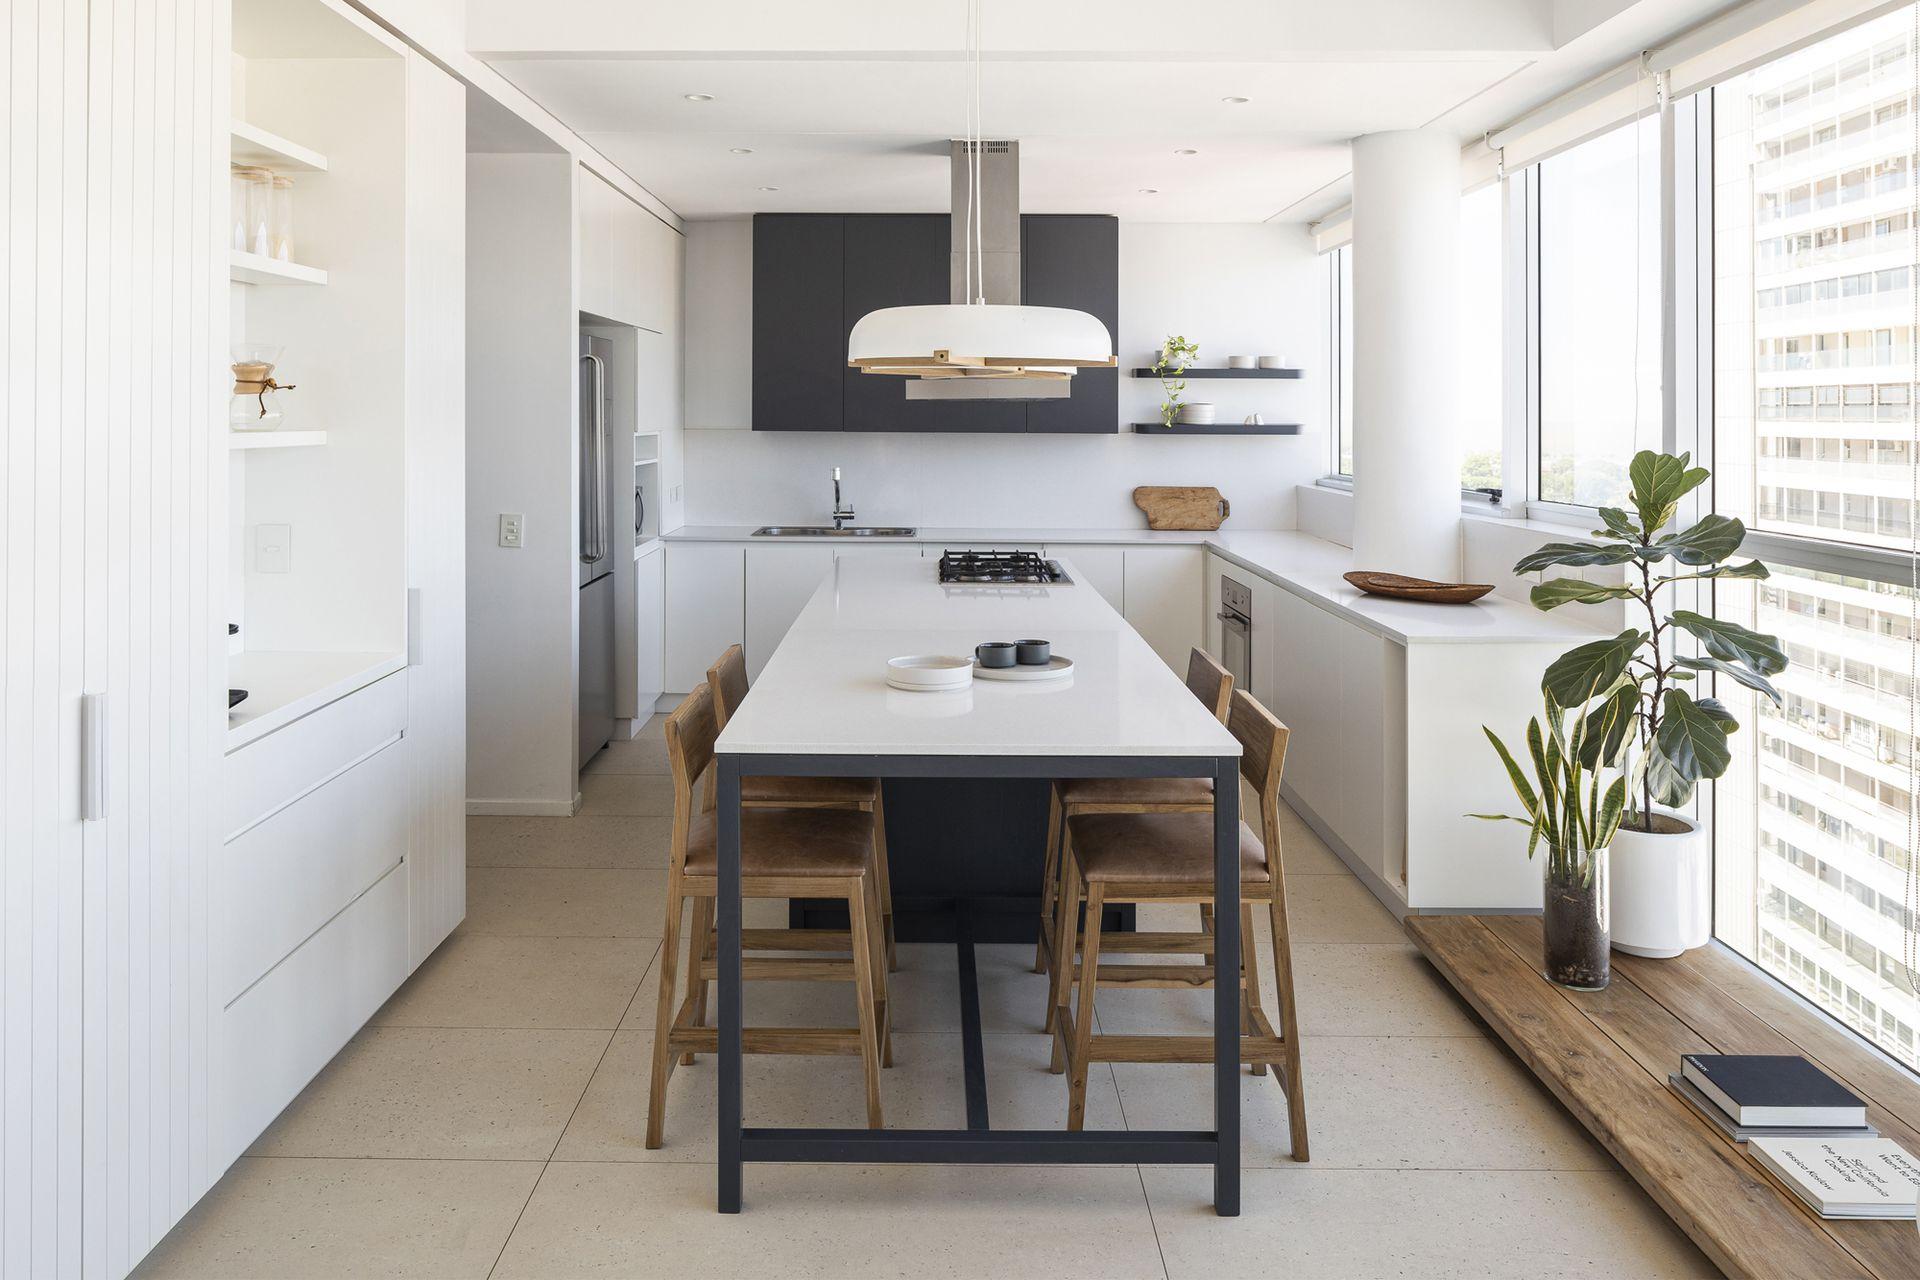 Banquetas de petiribí y cuero (Bull), lámparas 'Cruz' (Garzón Maceda). El mueble de la izquierda tiene a mano todo lo necesario para el desayuno. El piso es el original de la construcción.